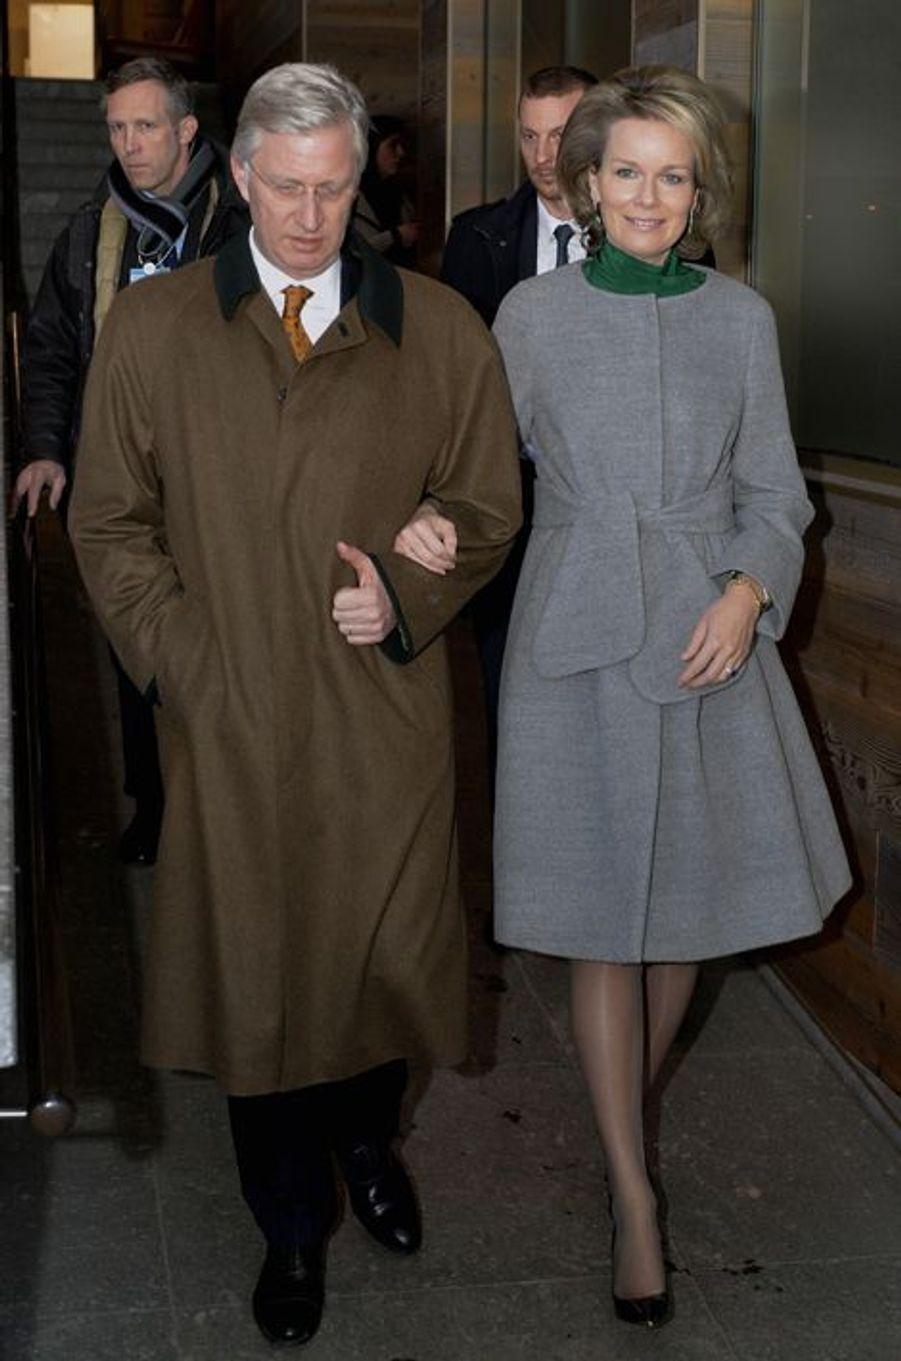 La reine Mathilde et le roi Philippe de Belgique au Forum économique mondial de Davos, le 21 janvier 2016